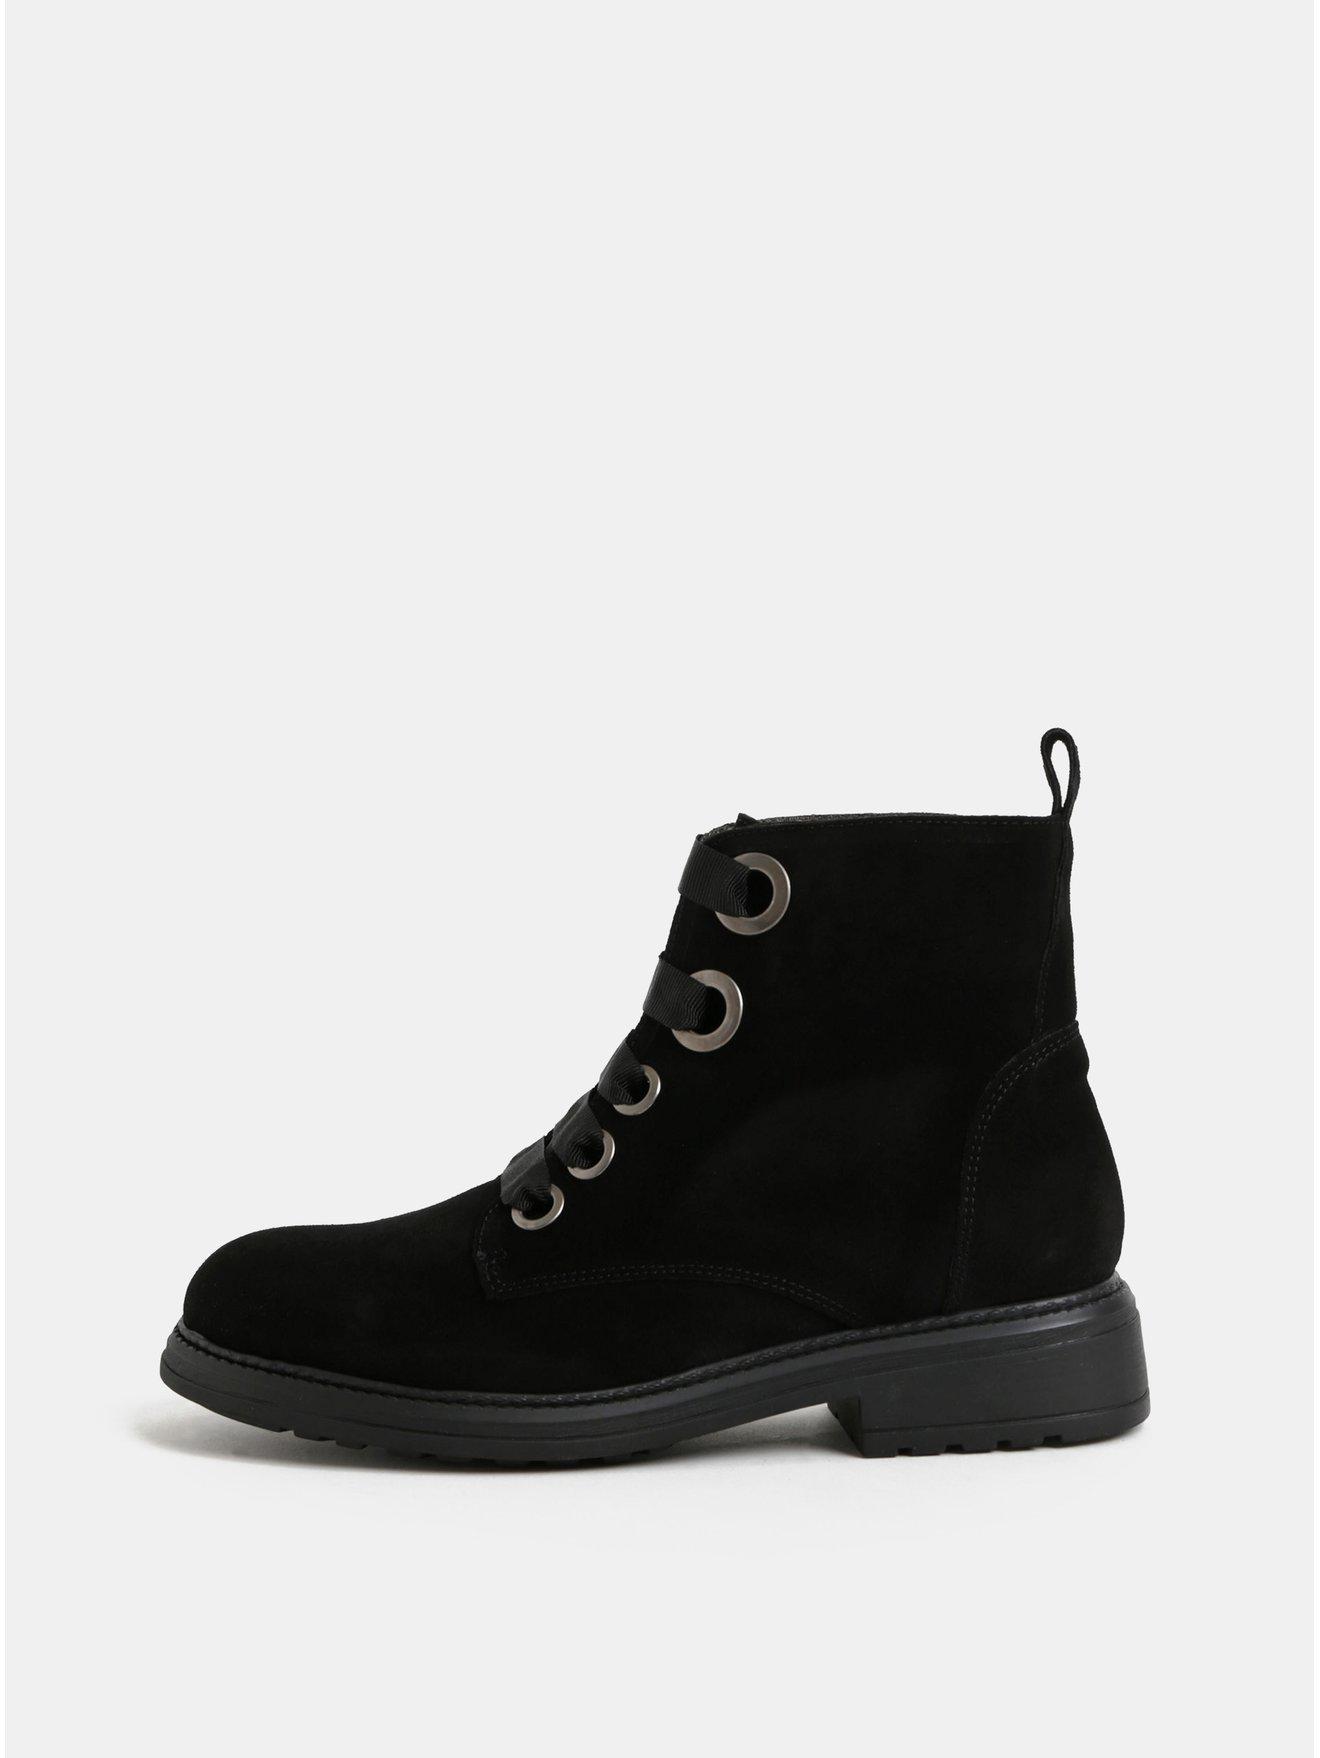 Černé semišové kotníkové boty OJJU 4b21766c8e